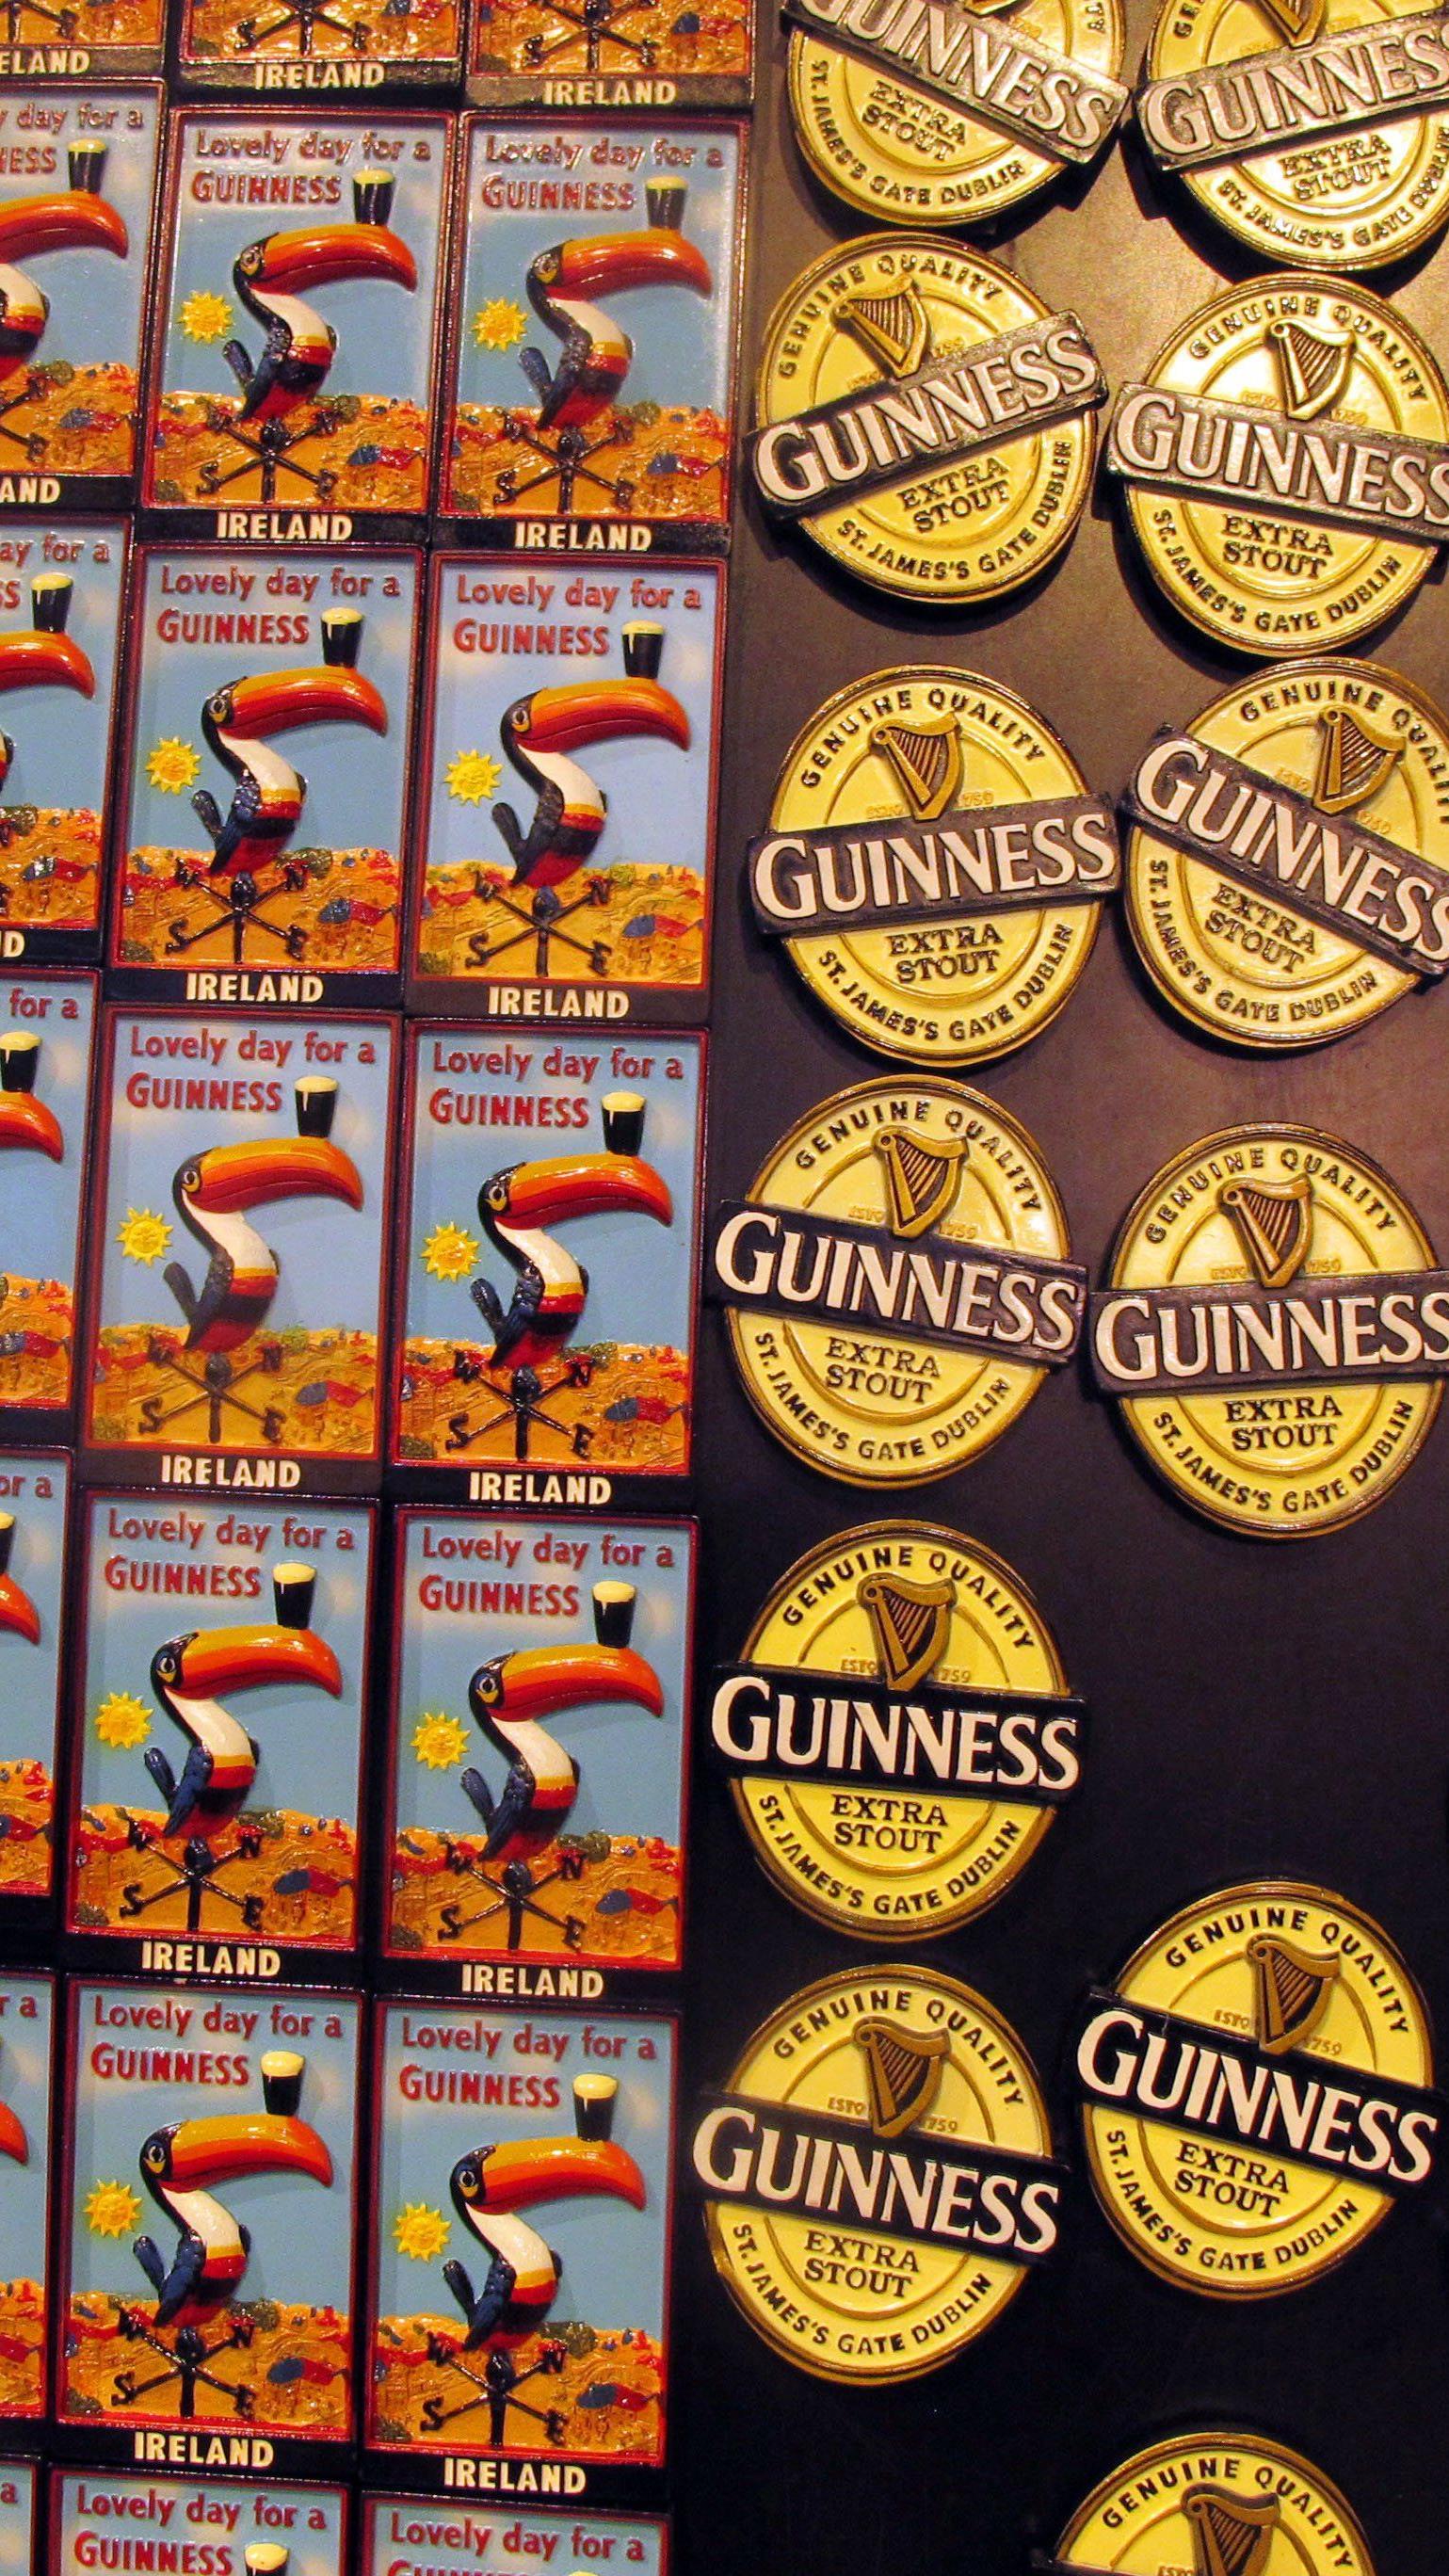 Guinness wird vegan: Hersteller Diageo verzichtet auf tierisches Filtermittel